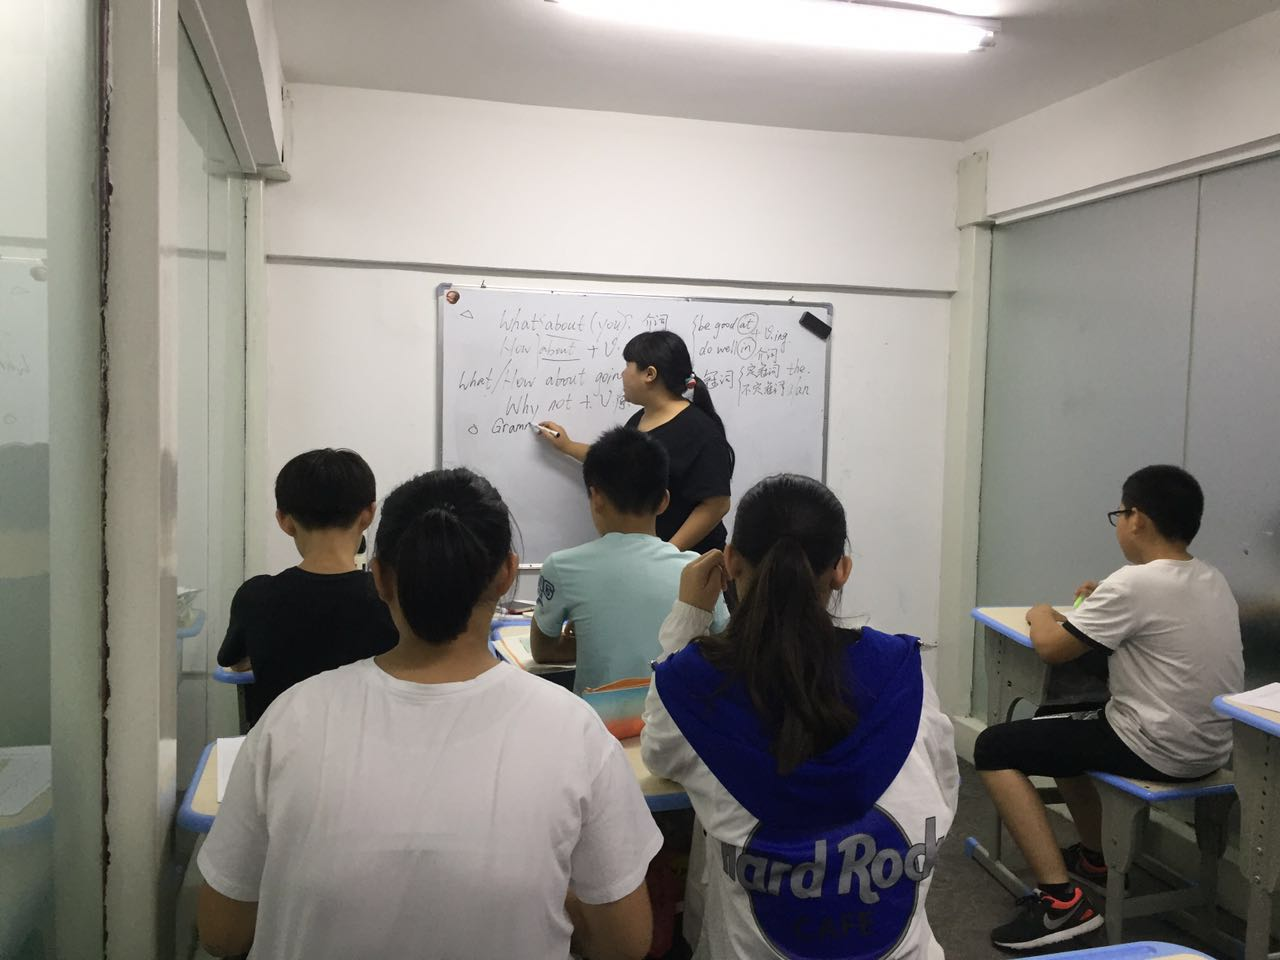 新杏林|周末英语课现场视频